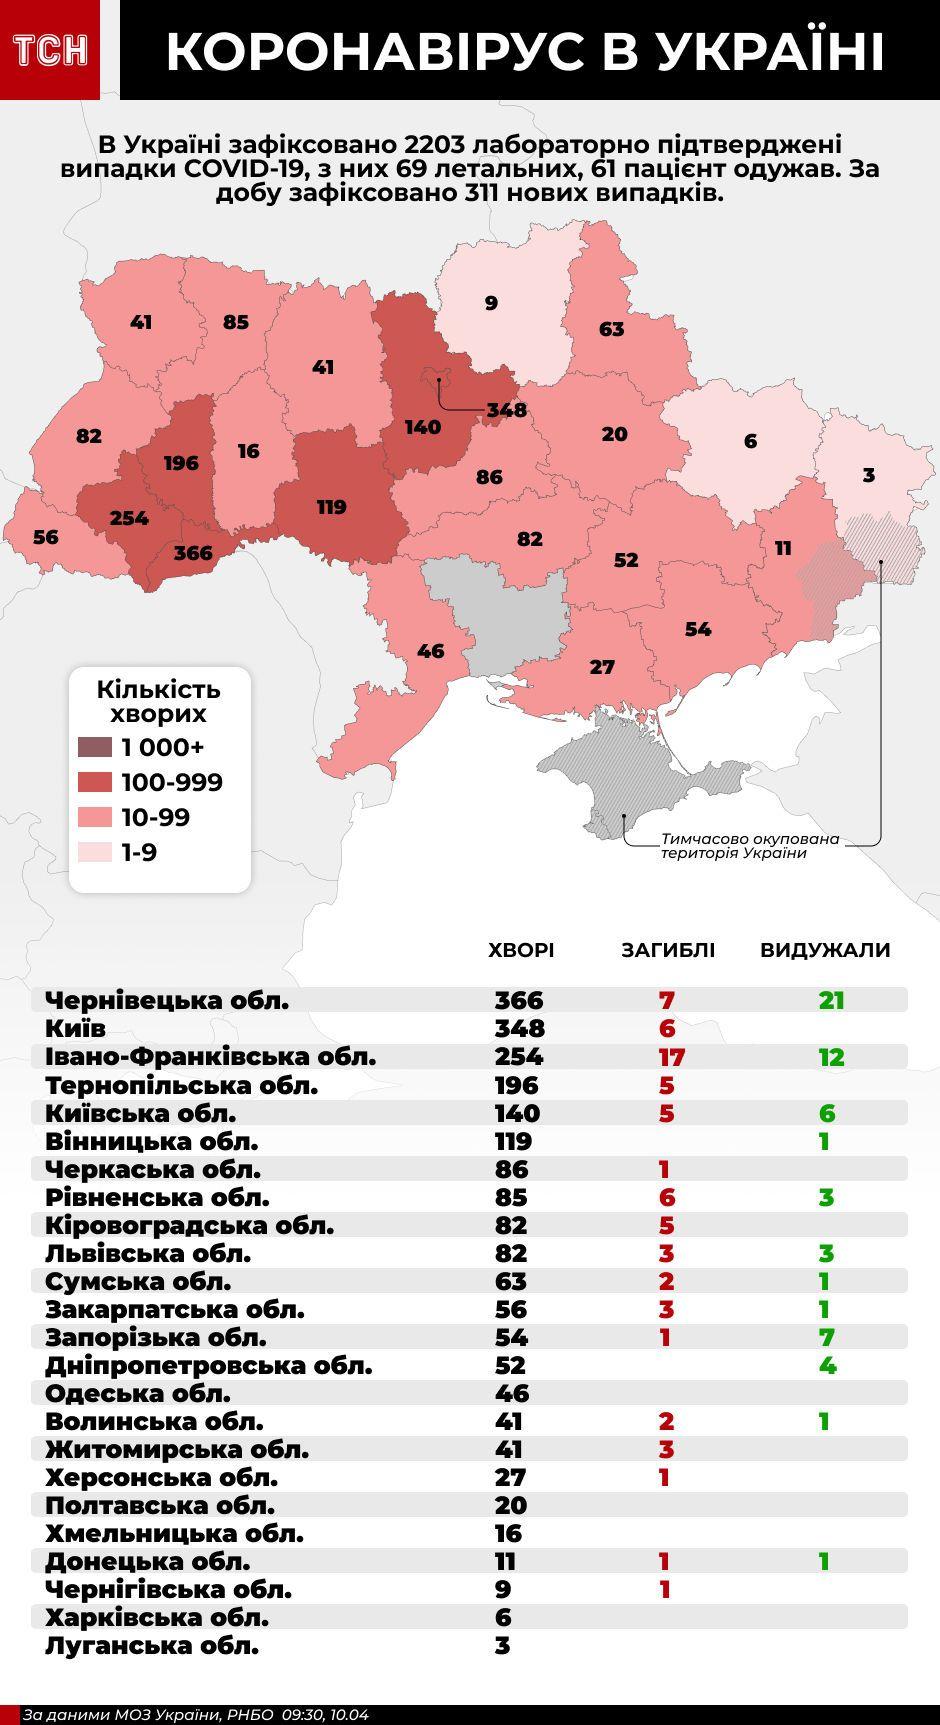 інфографіка кількості хворих на коронавірус в України. 10.04